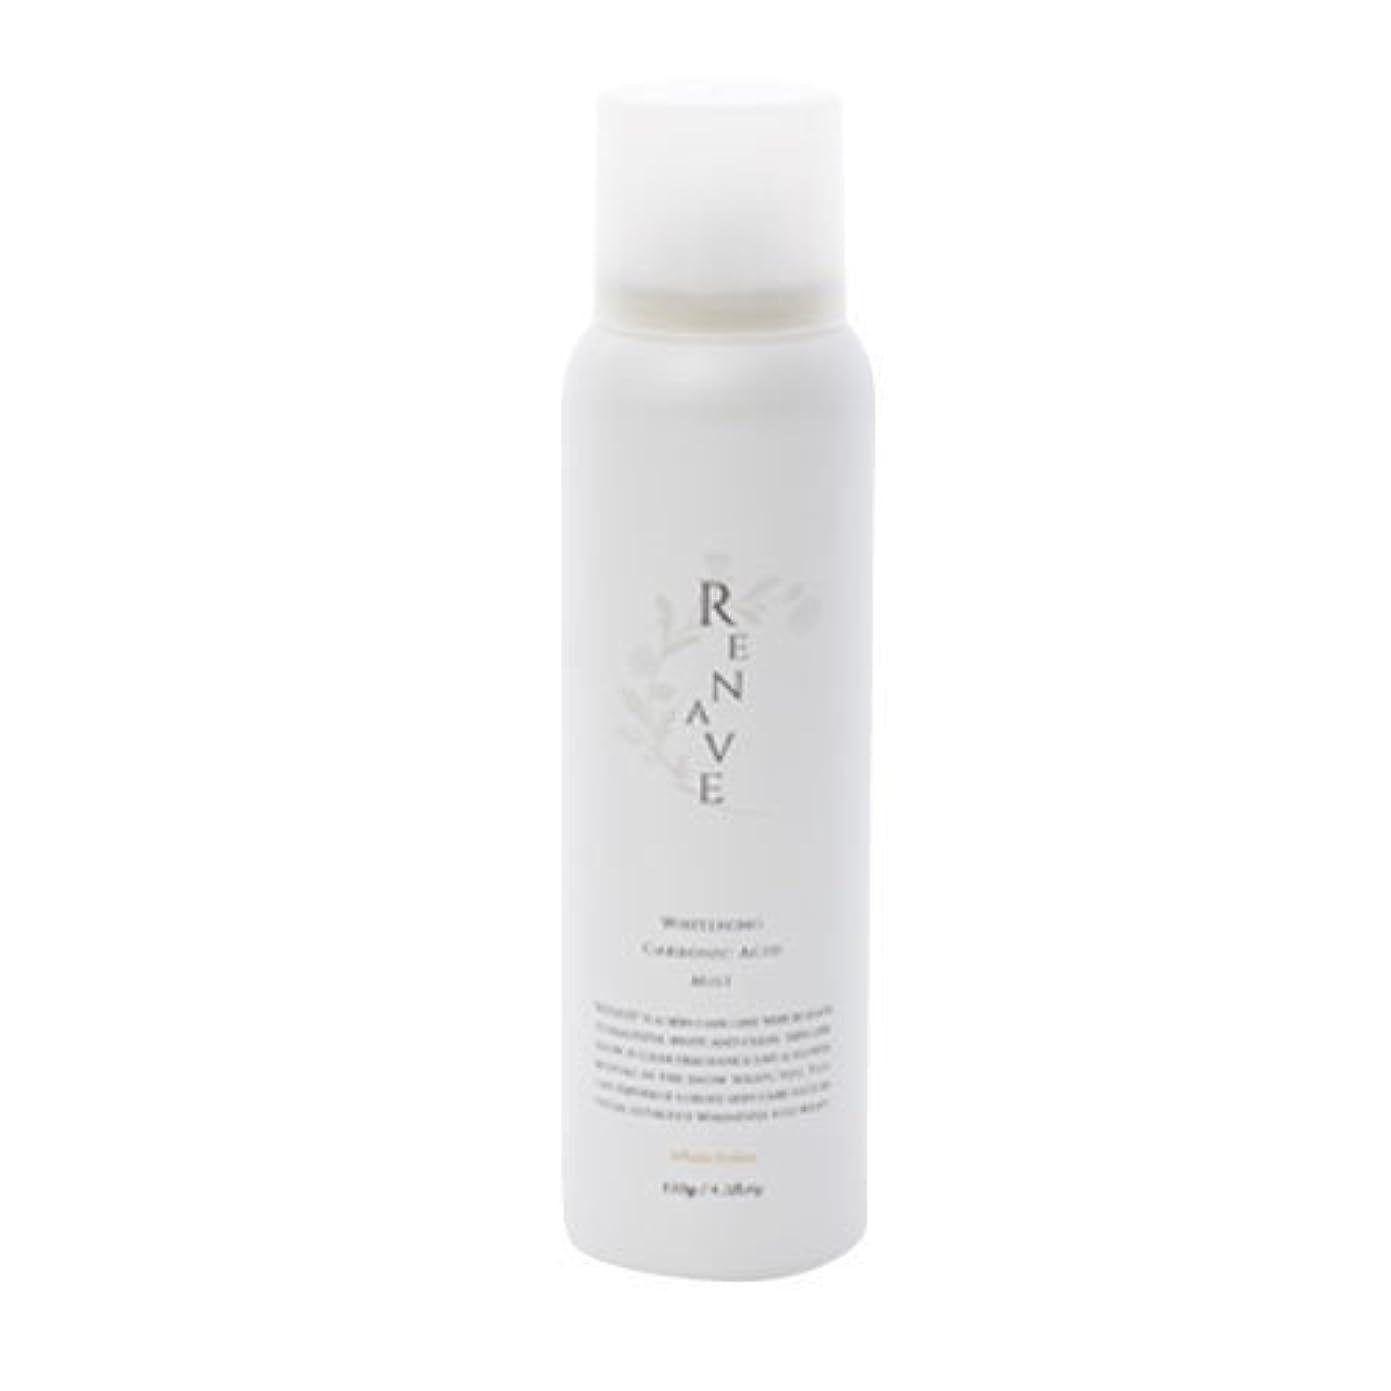 哲学出席するアリーナRENAVE(リネーヴェ) 高濃度炭酸ミスト 薬用美白化粧水 120ml